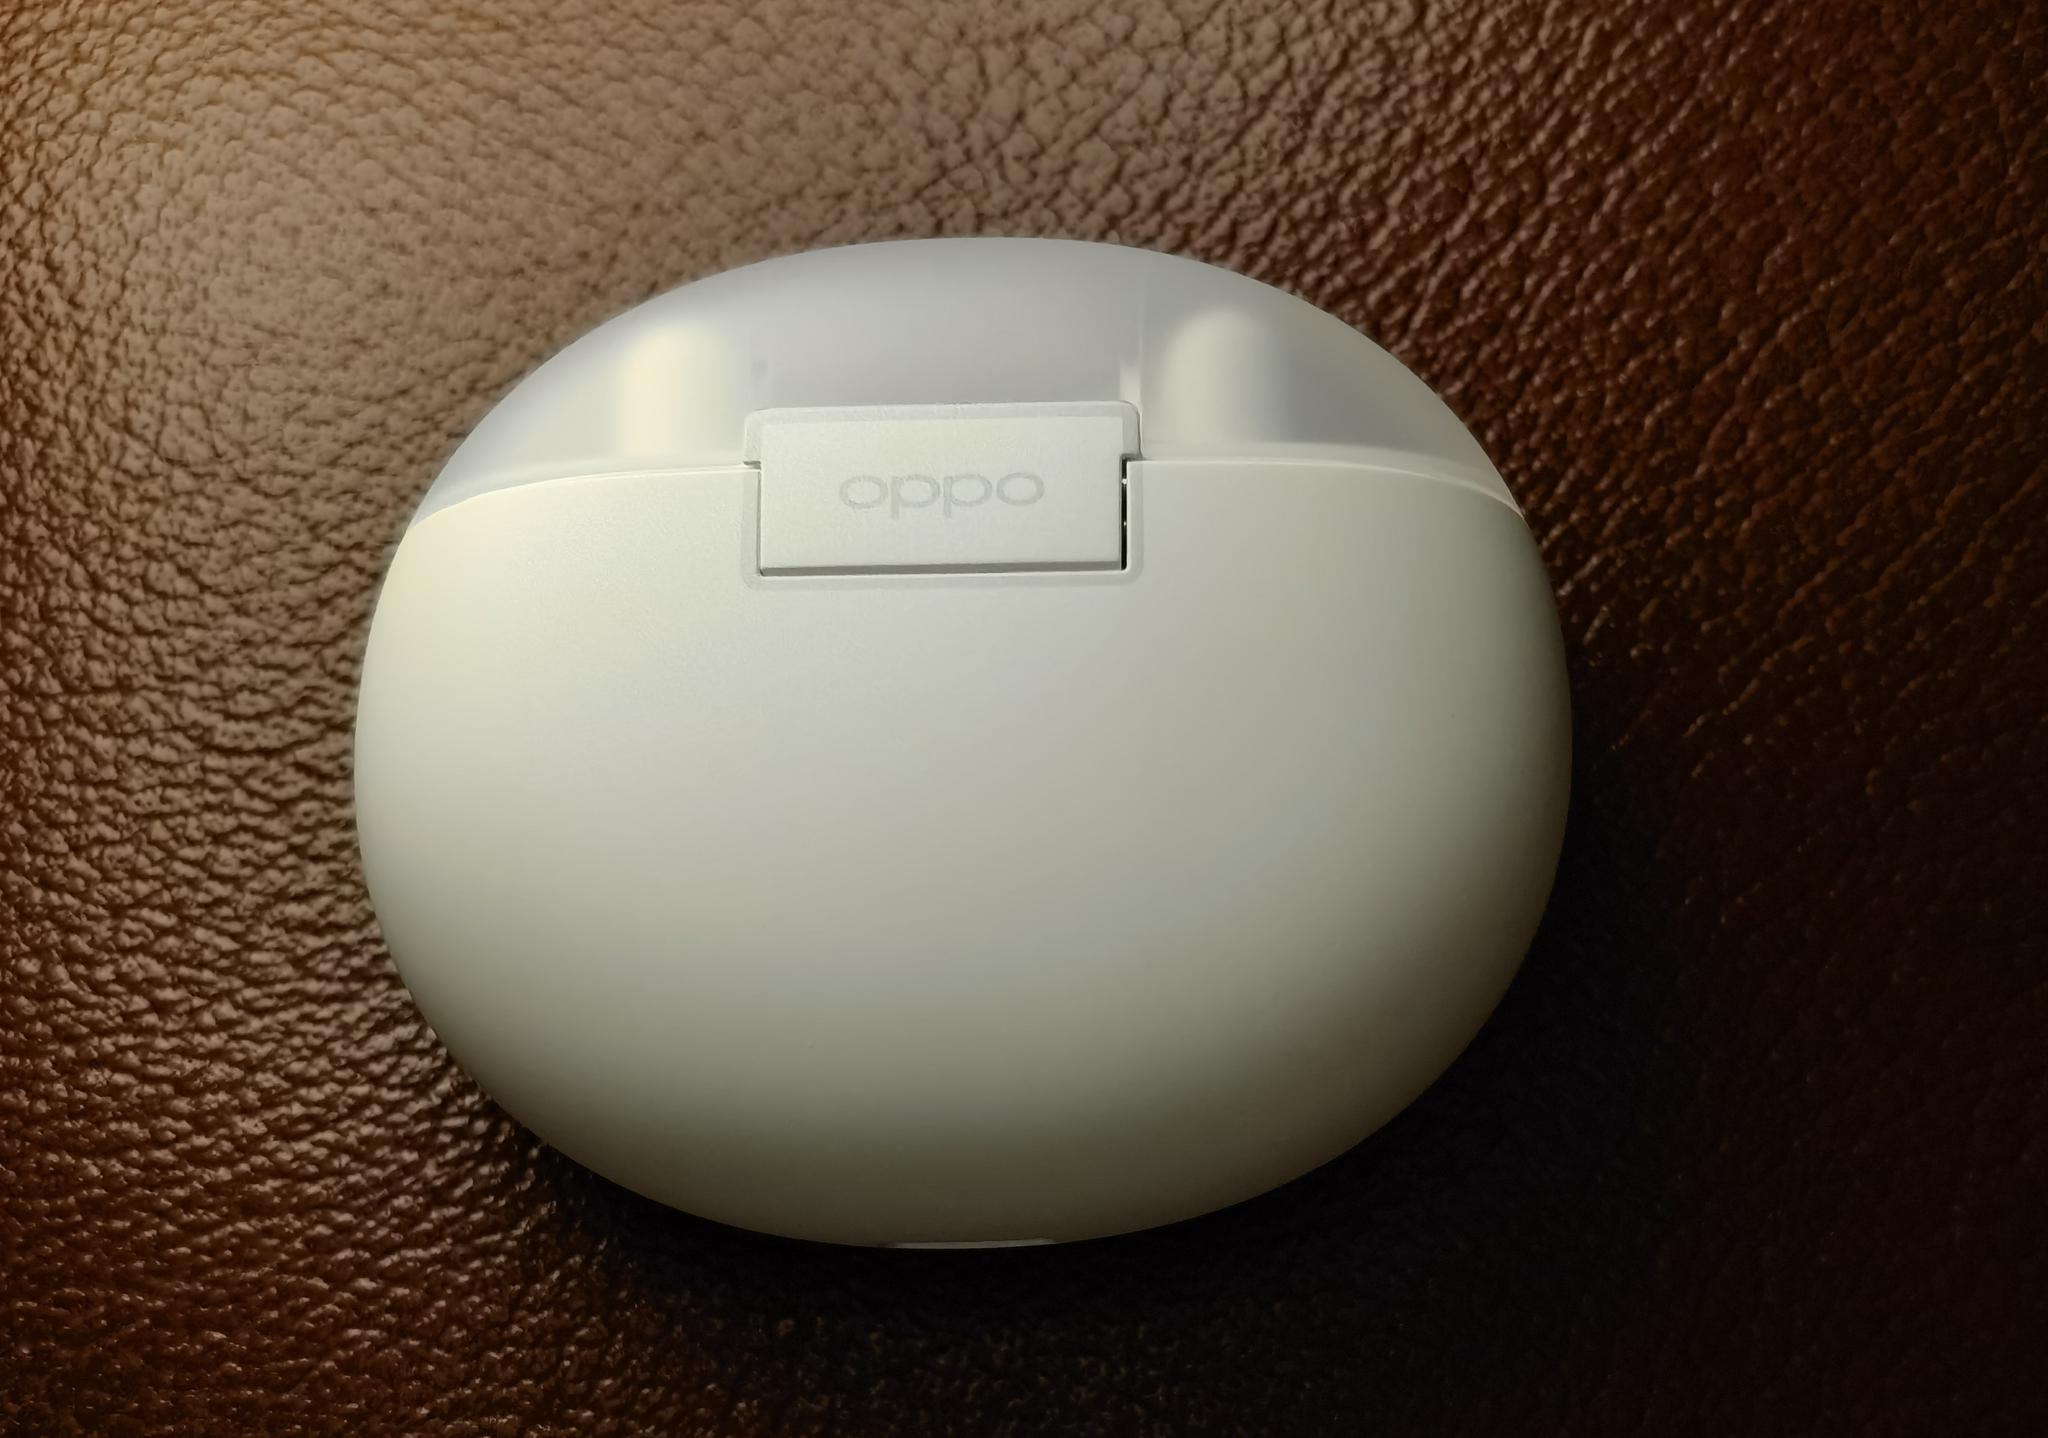 OPPO Enco Air蓝牙耳机:颜有透明果冻仓,内有德国莱茵实力认证